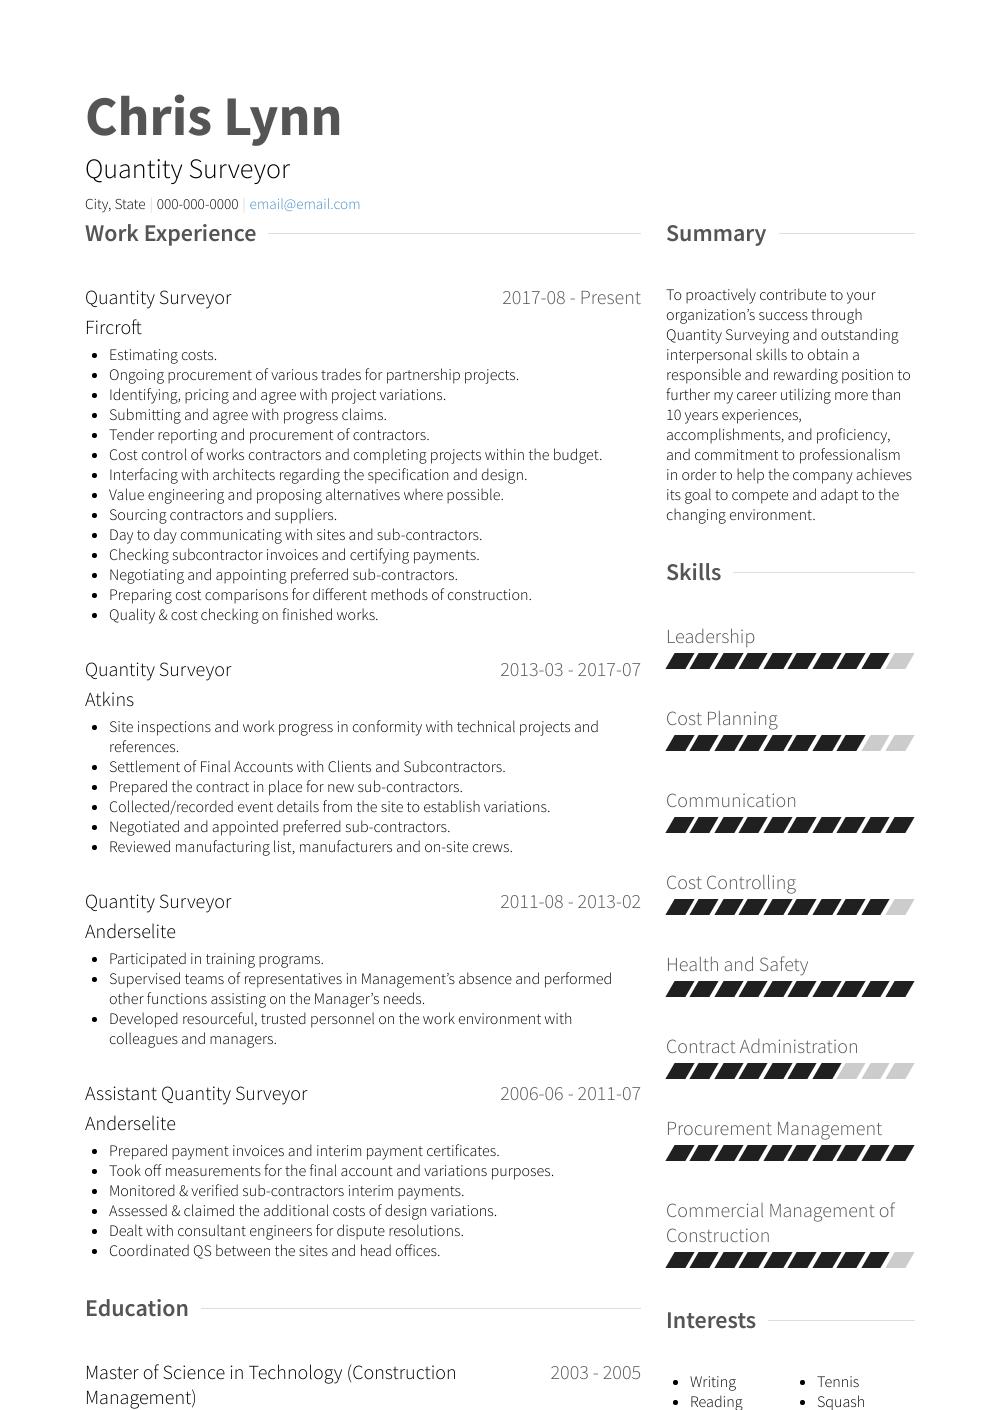 Quantity Surveyor Resume Samples Templates Visualcv Job Resume Samples Job Resume Format Downloadable Resume Template